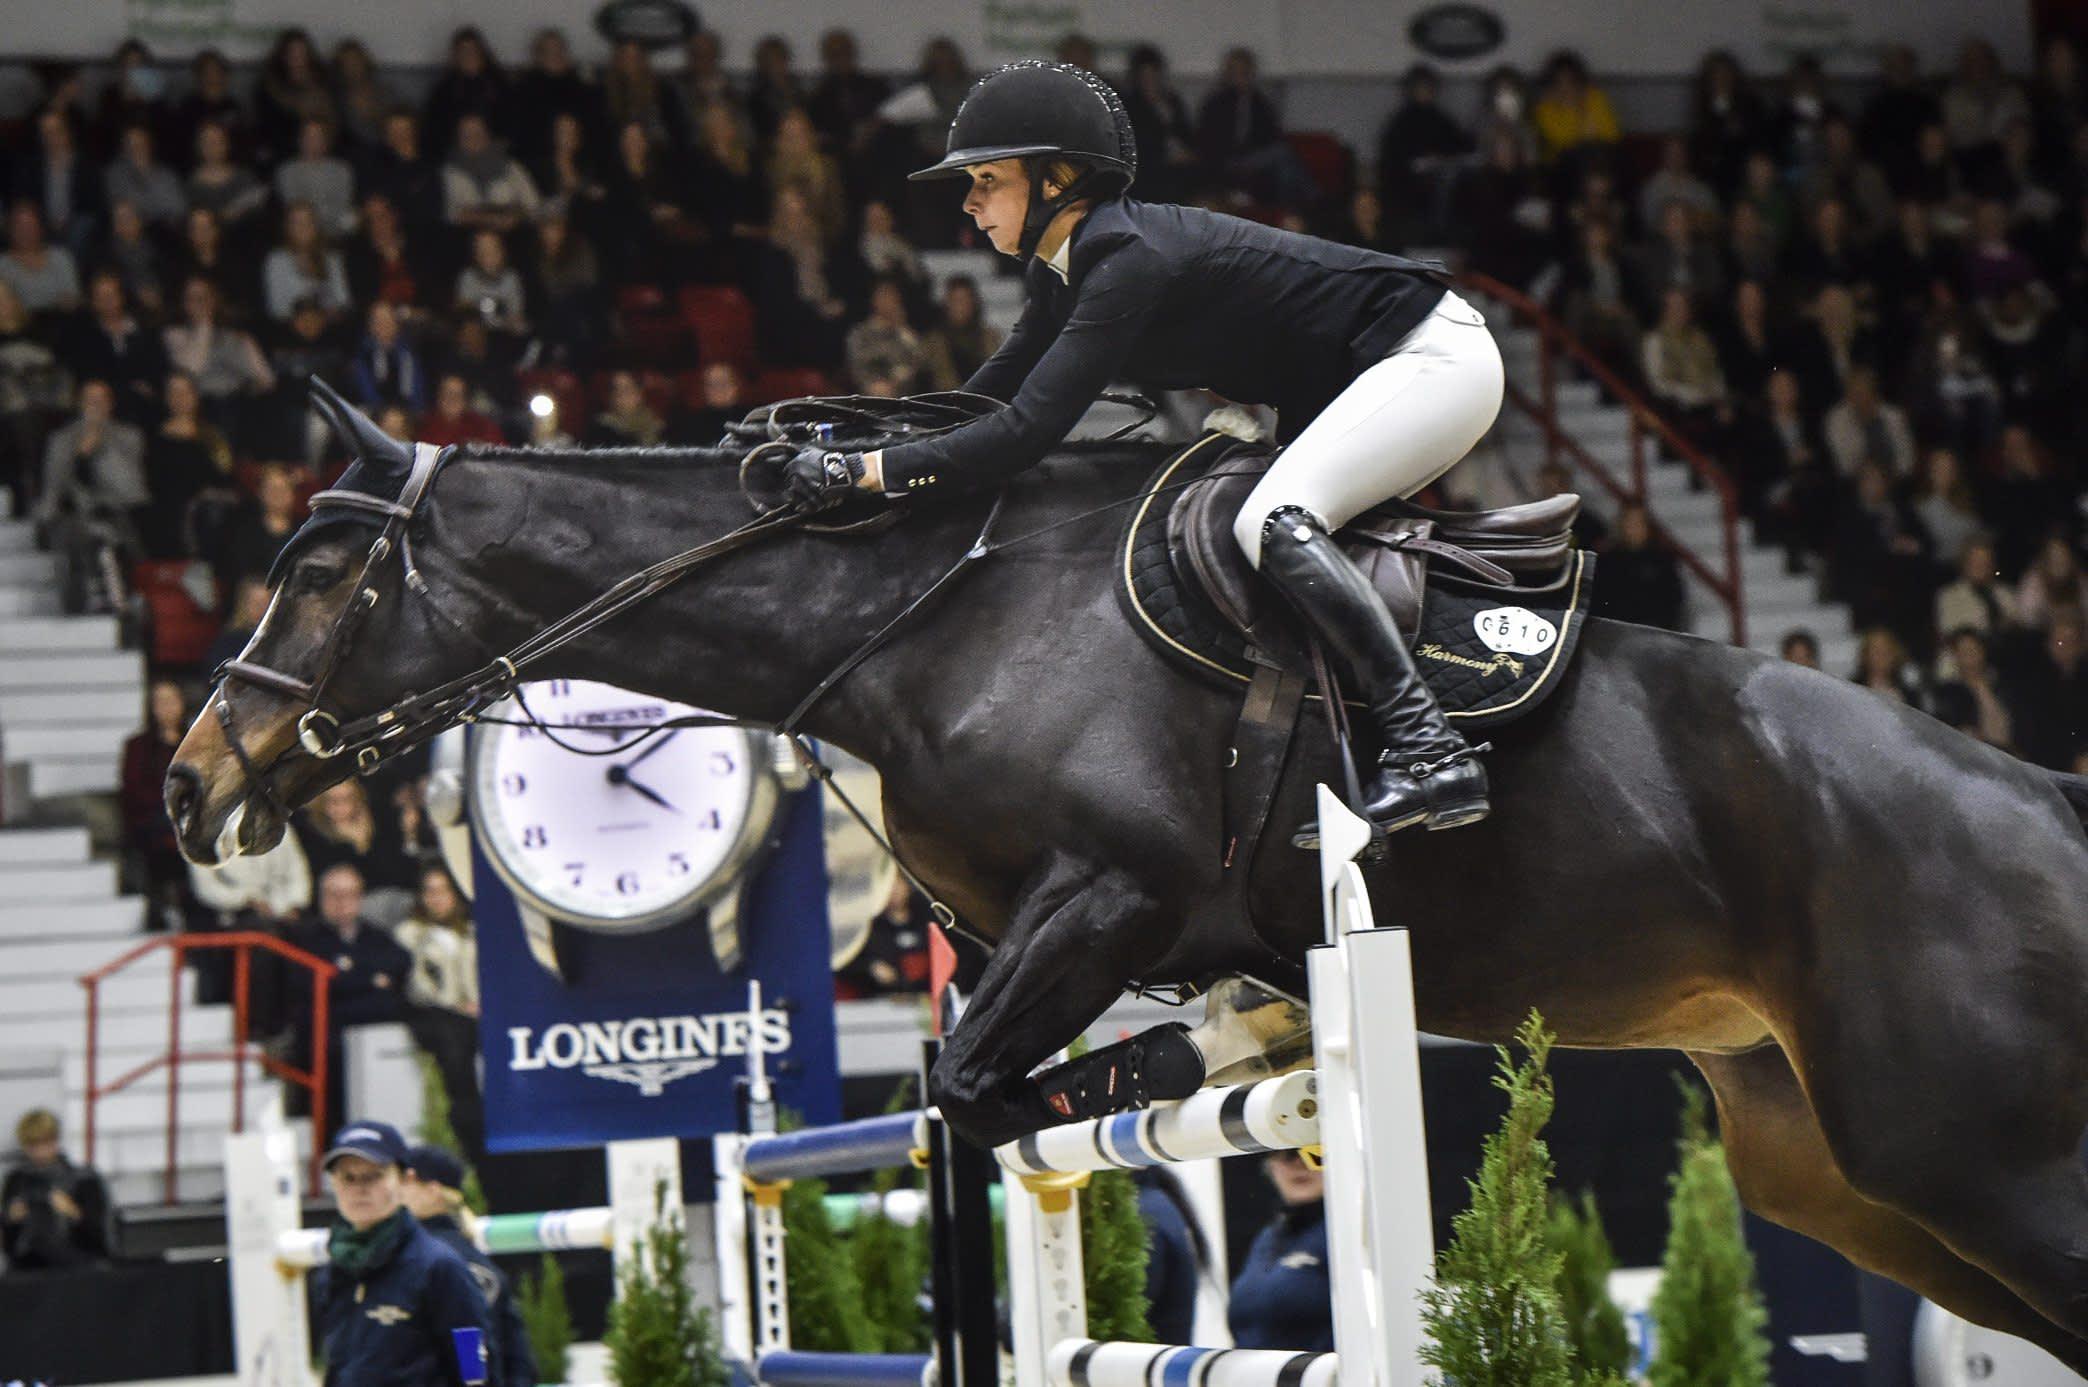 Anna-Julia Kontio kilpailemassa Team Harmonyn hevosella Ornellaialla vuoden 2018 Helsinki Horse Show'ssa.